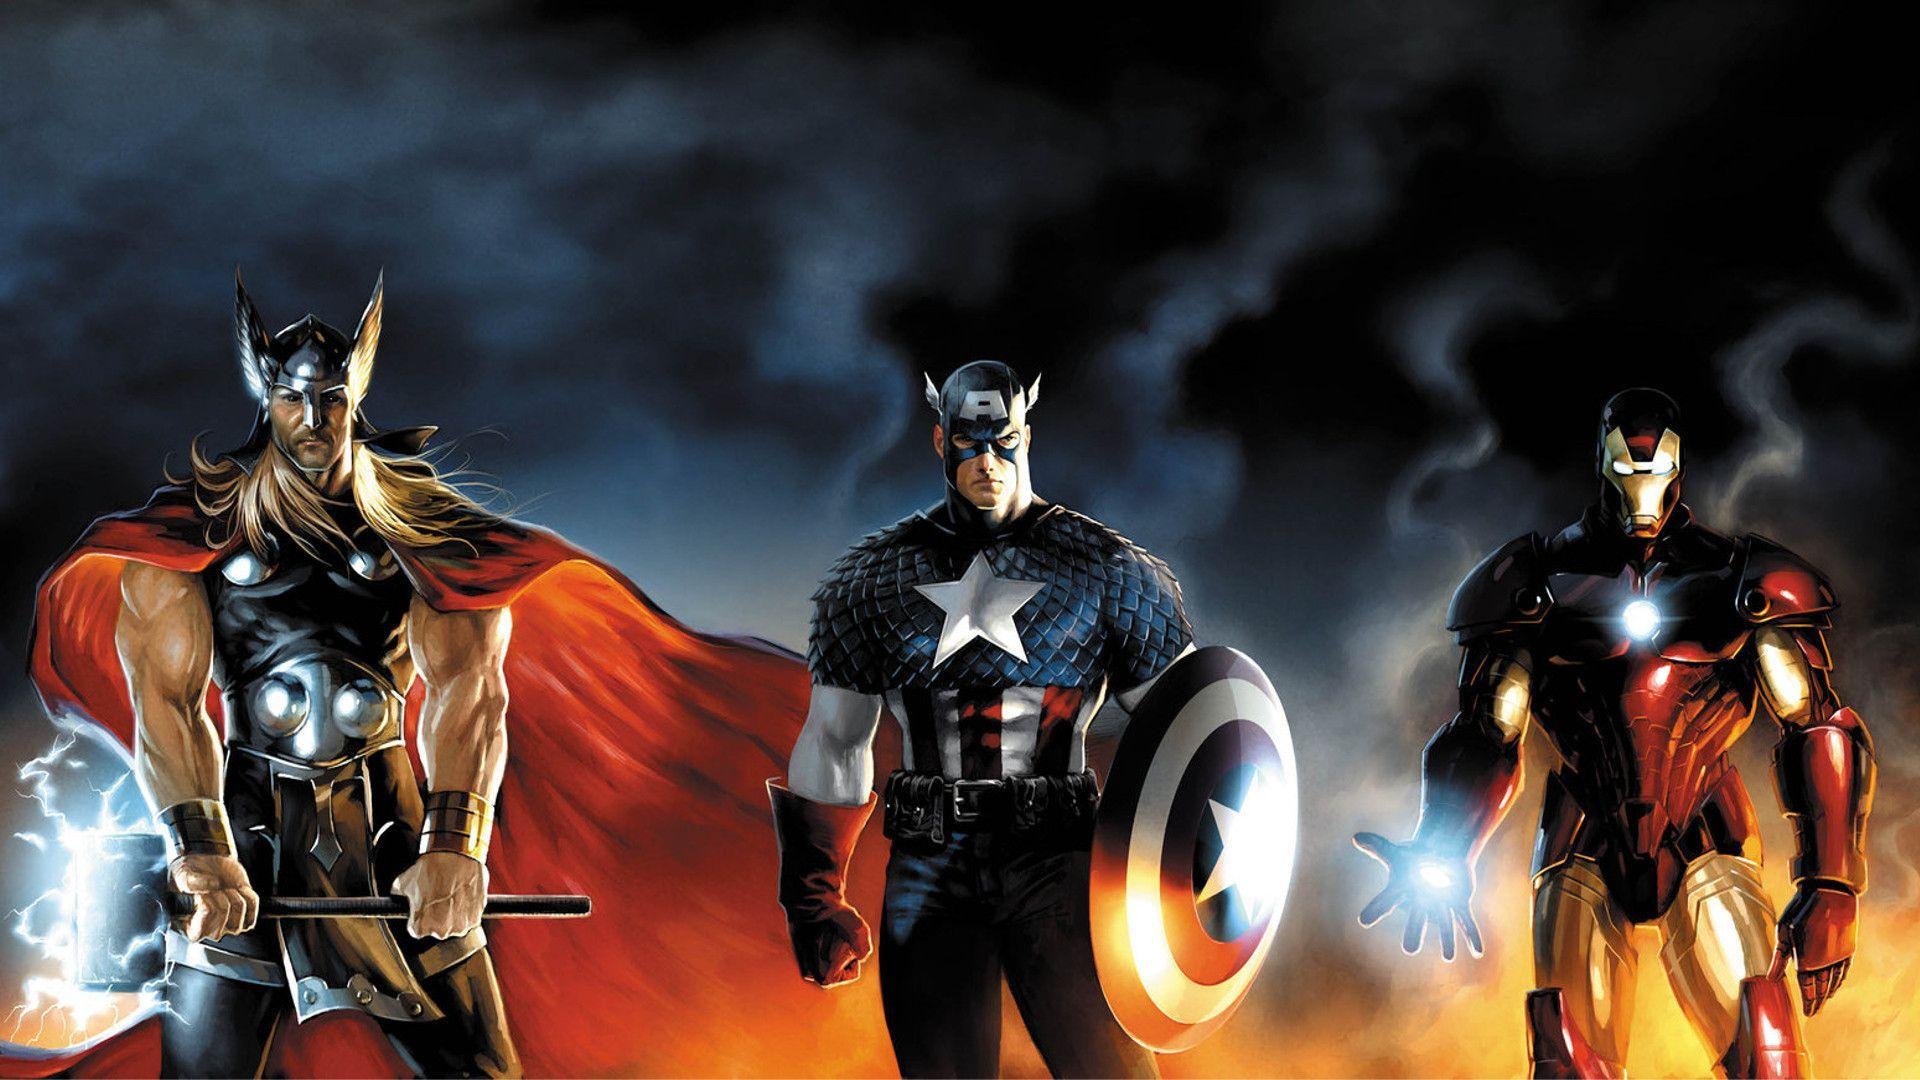 Fumetti Marvel, Capitan America sarà nero: dopo Thor donna continua la rivoluzione nel mondo dei comics